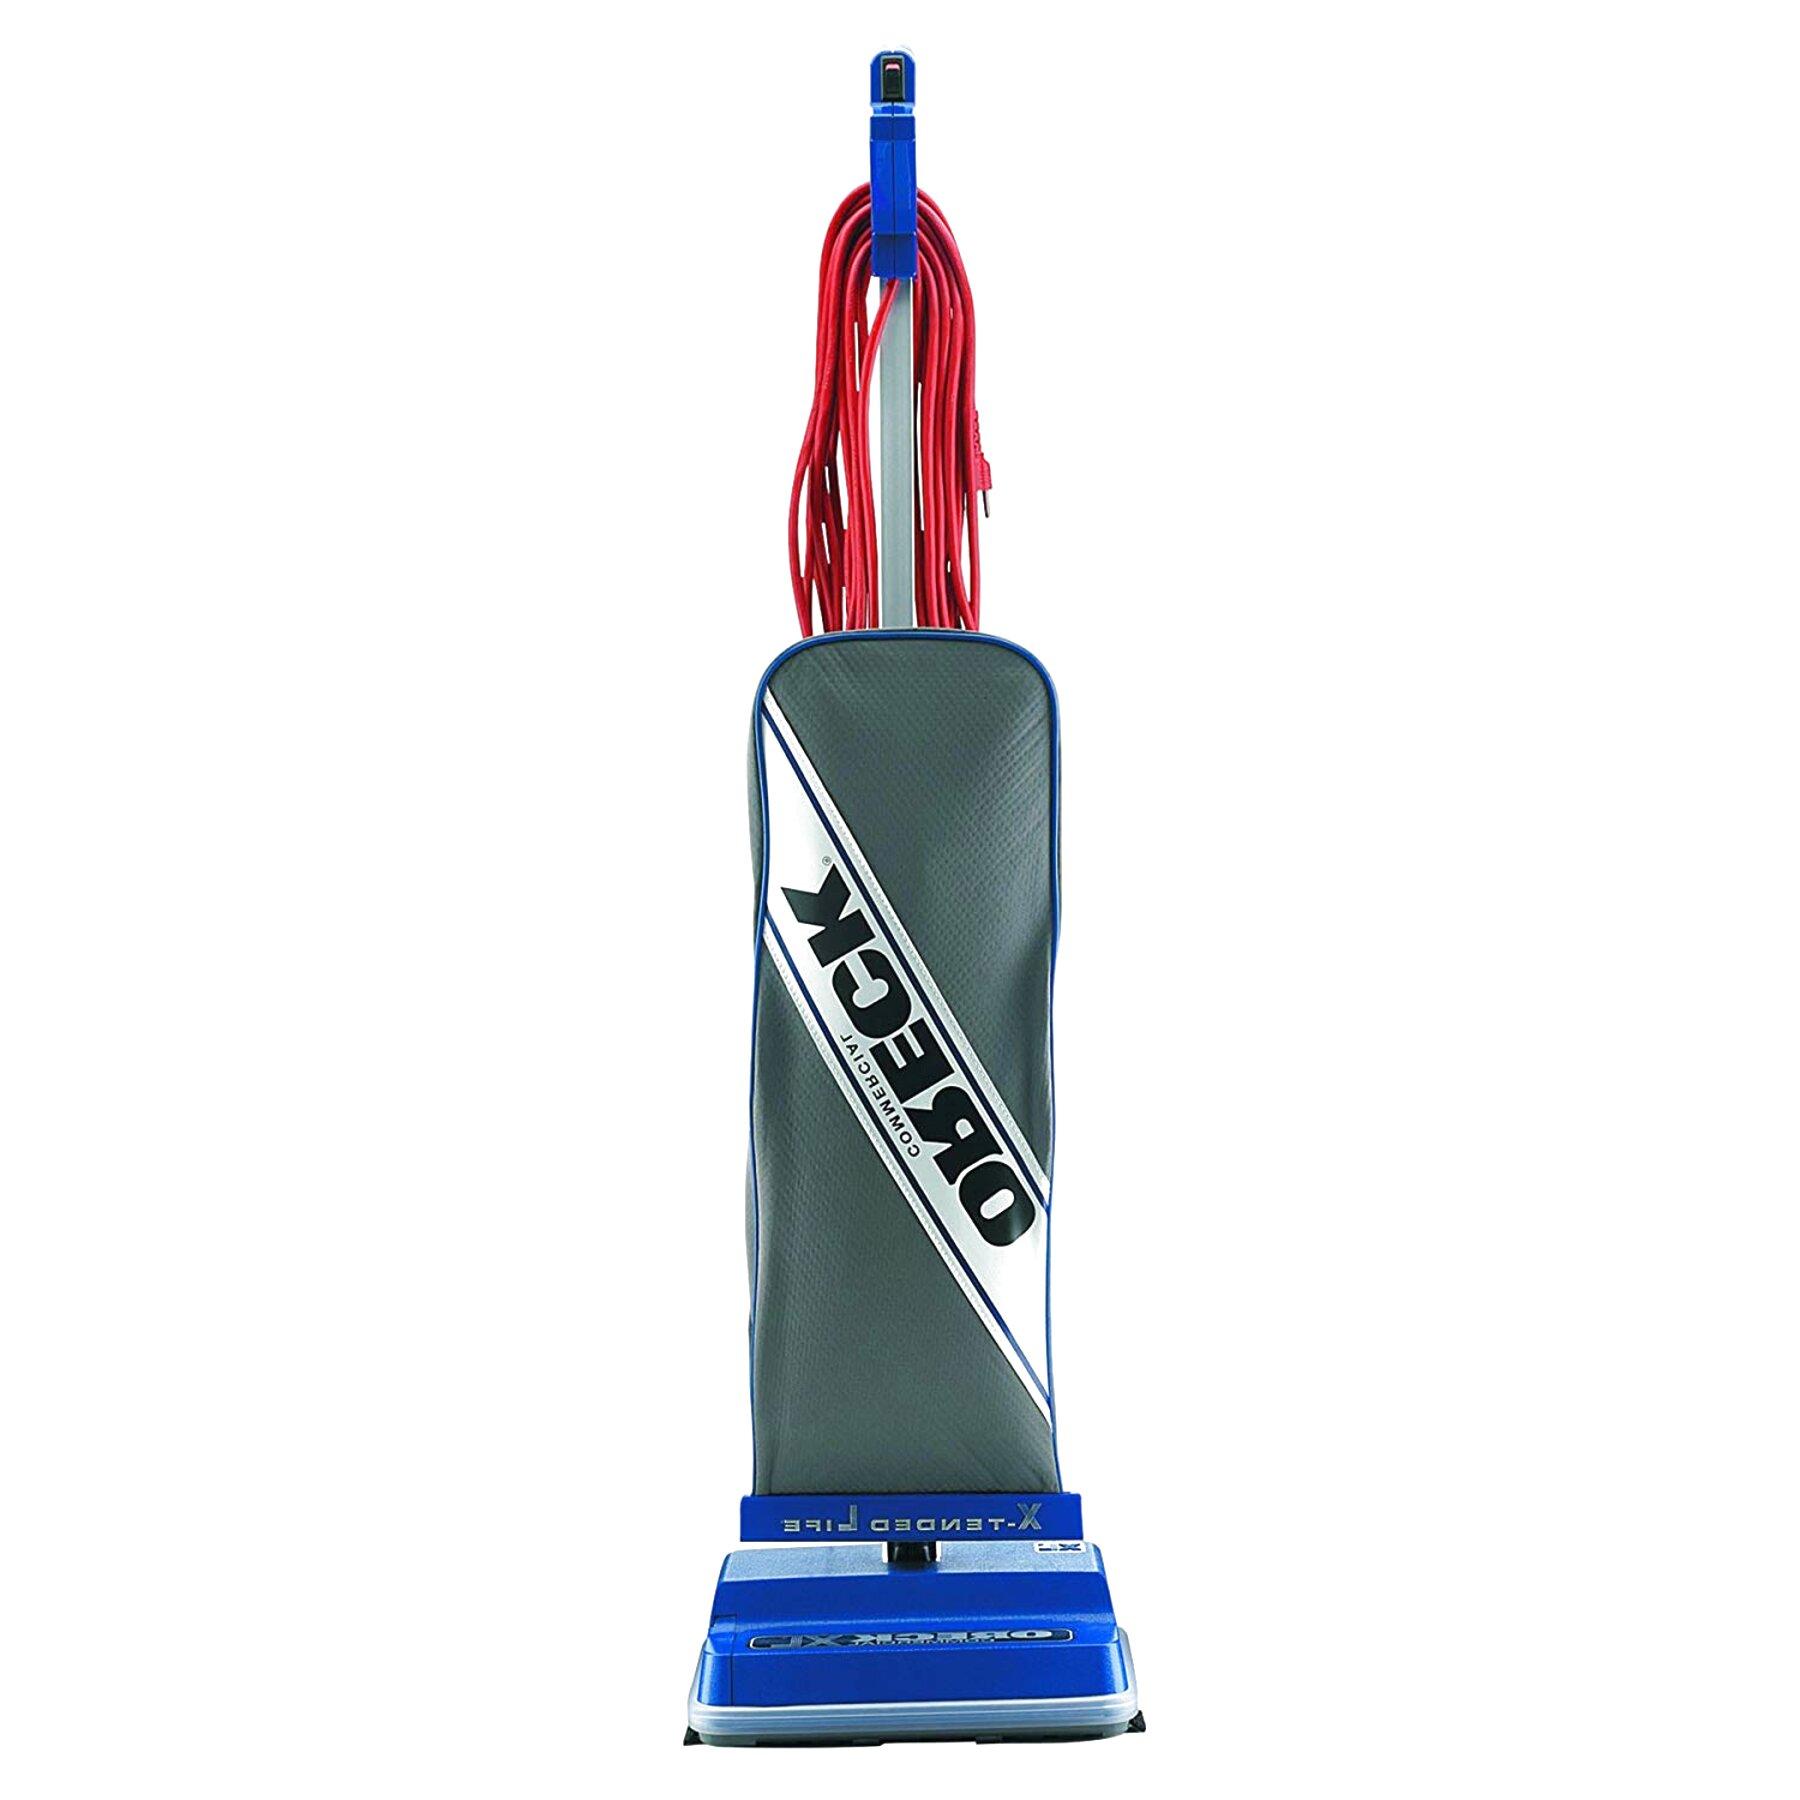 oreck vacuum for sale